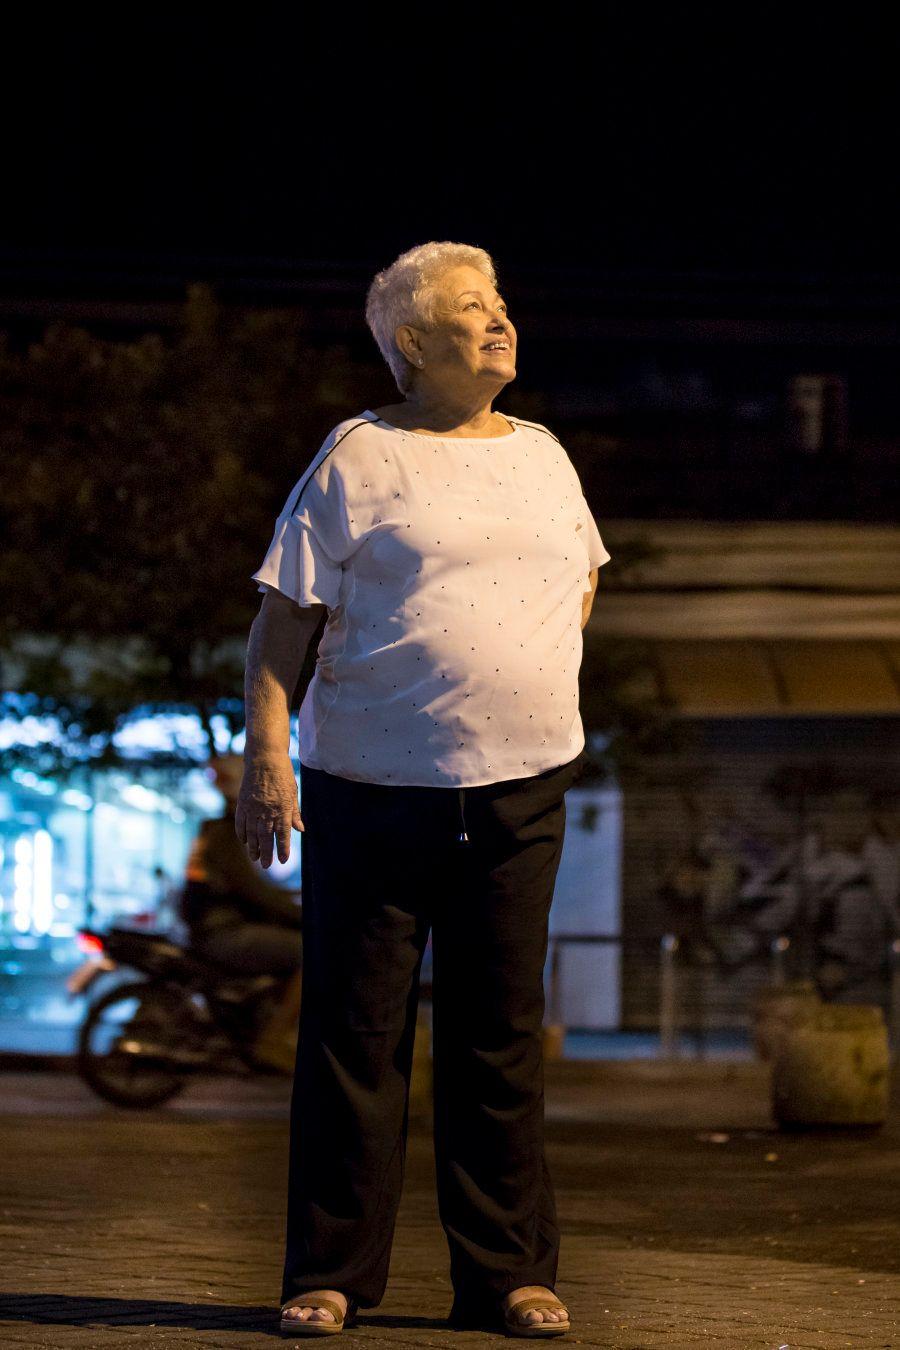 É em uma das calçadas de Jacarepaguá que a história de Eny